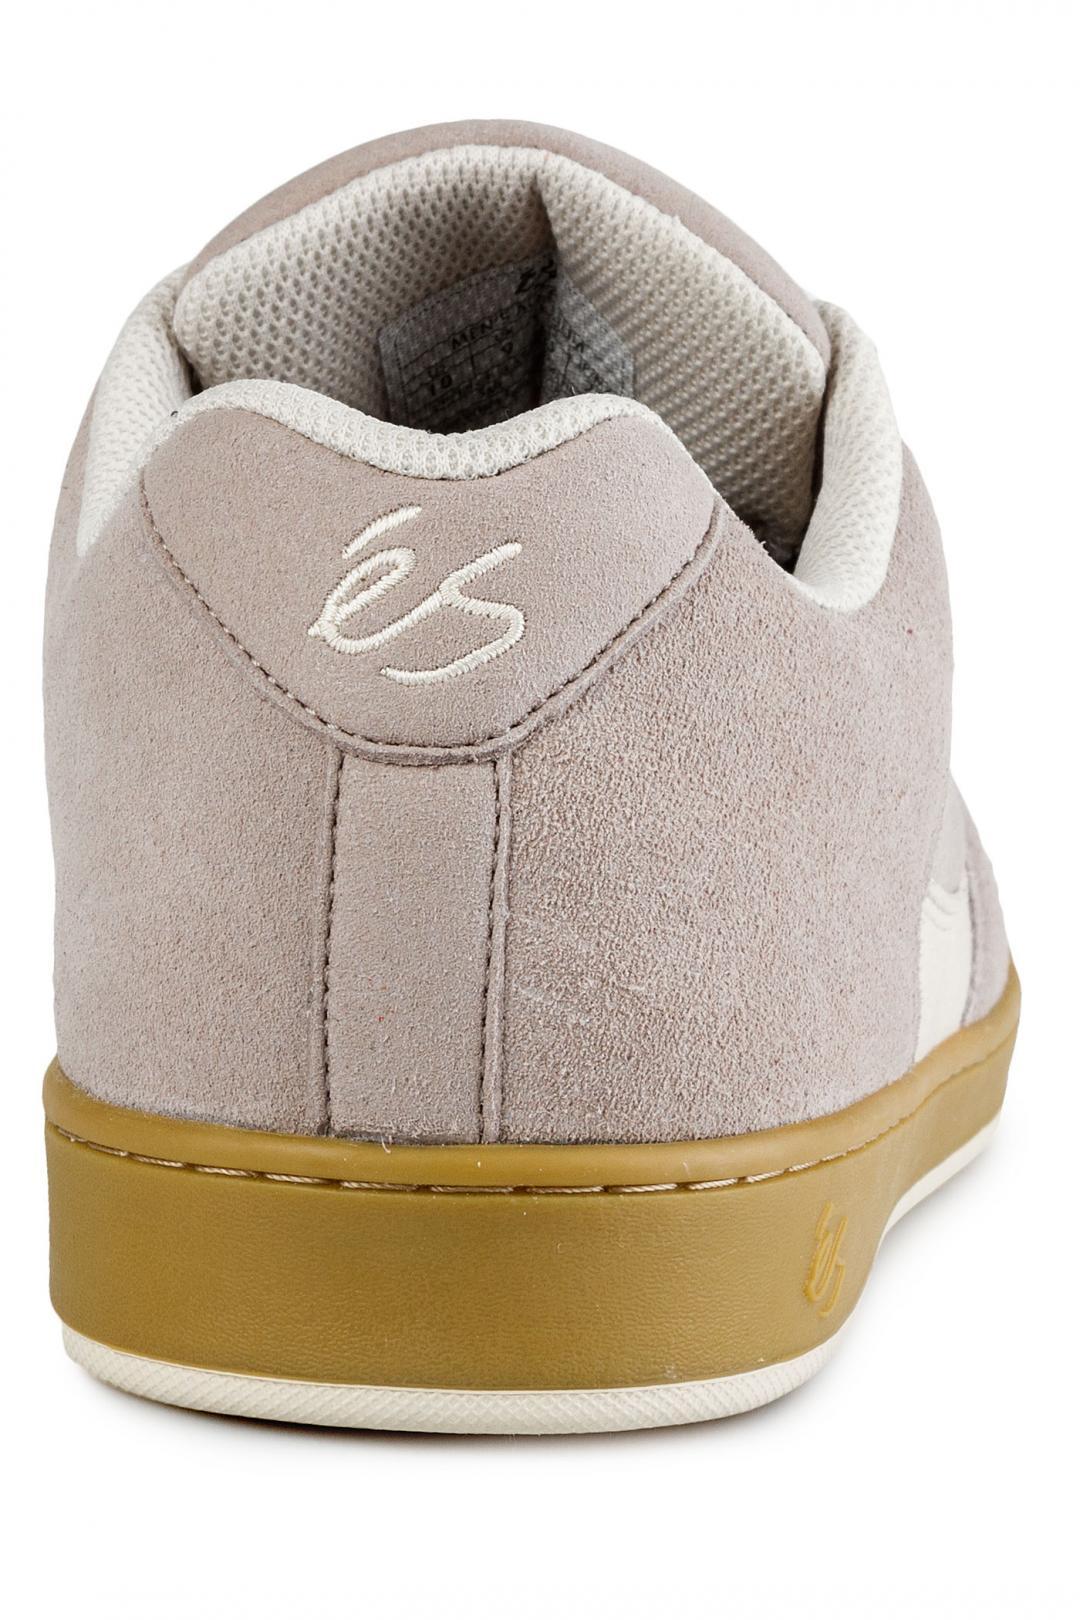 Uomo éS Accel Slim khaki   Sneakers low top